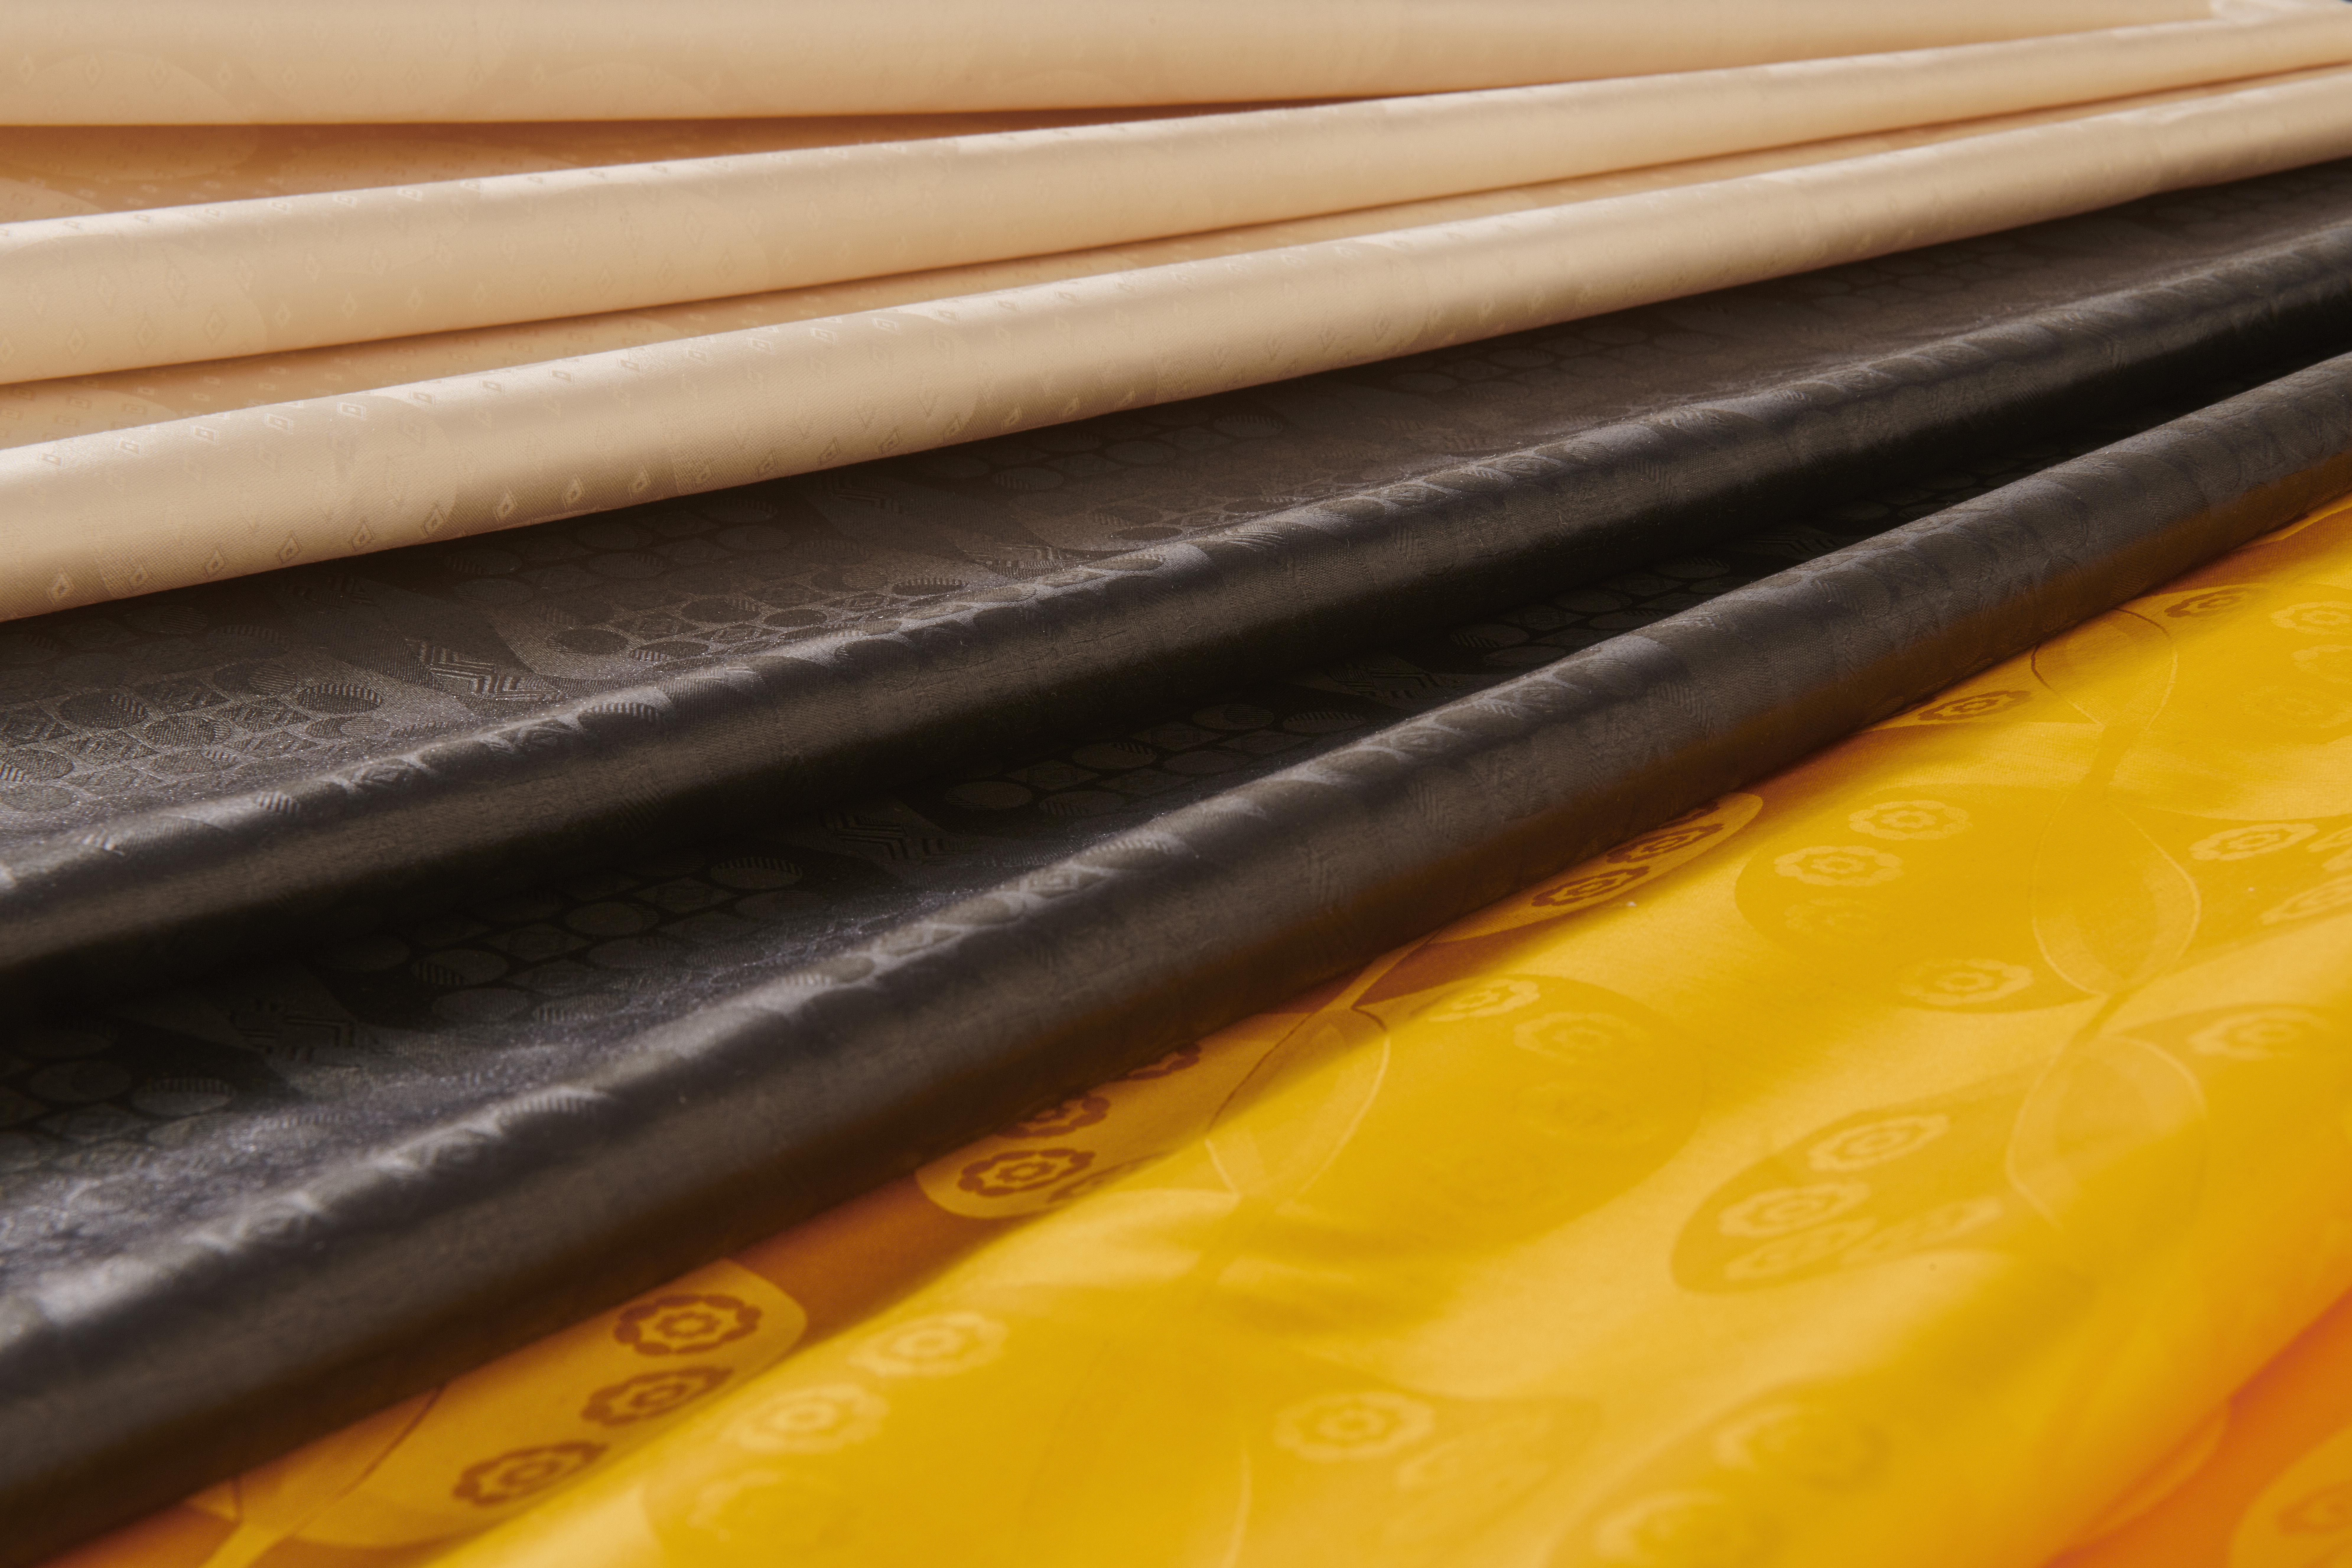 2017-10-16 Fussenegger Textil Produktfotos0170.jpg